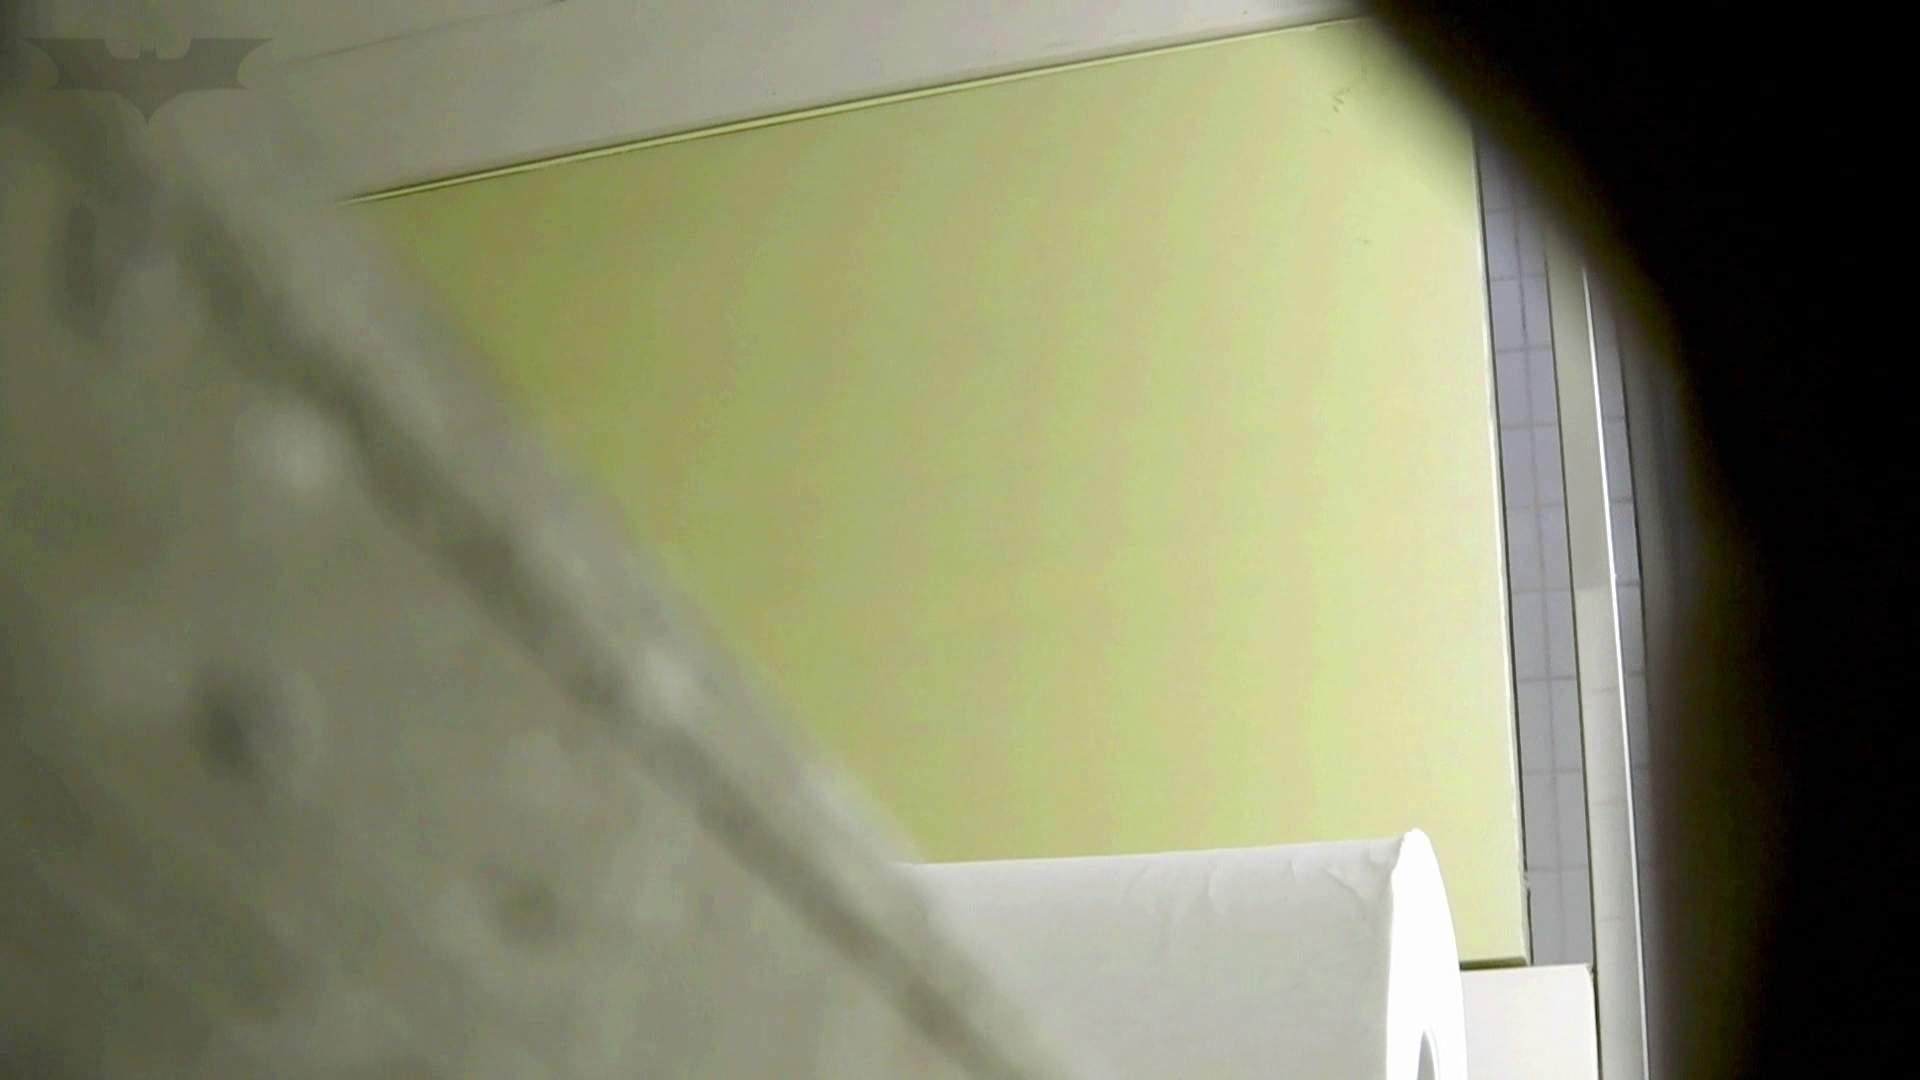 洗面所特攻隊 vol.74 last 2総勢16名激撮【2015・29位】 洗面所 | エッチすぎるOL達  105連発 63